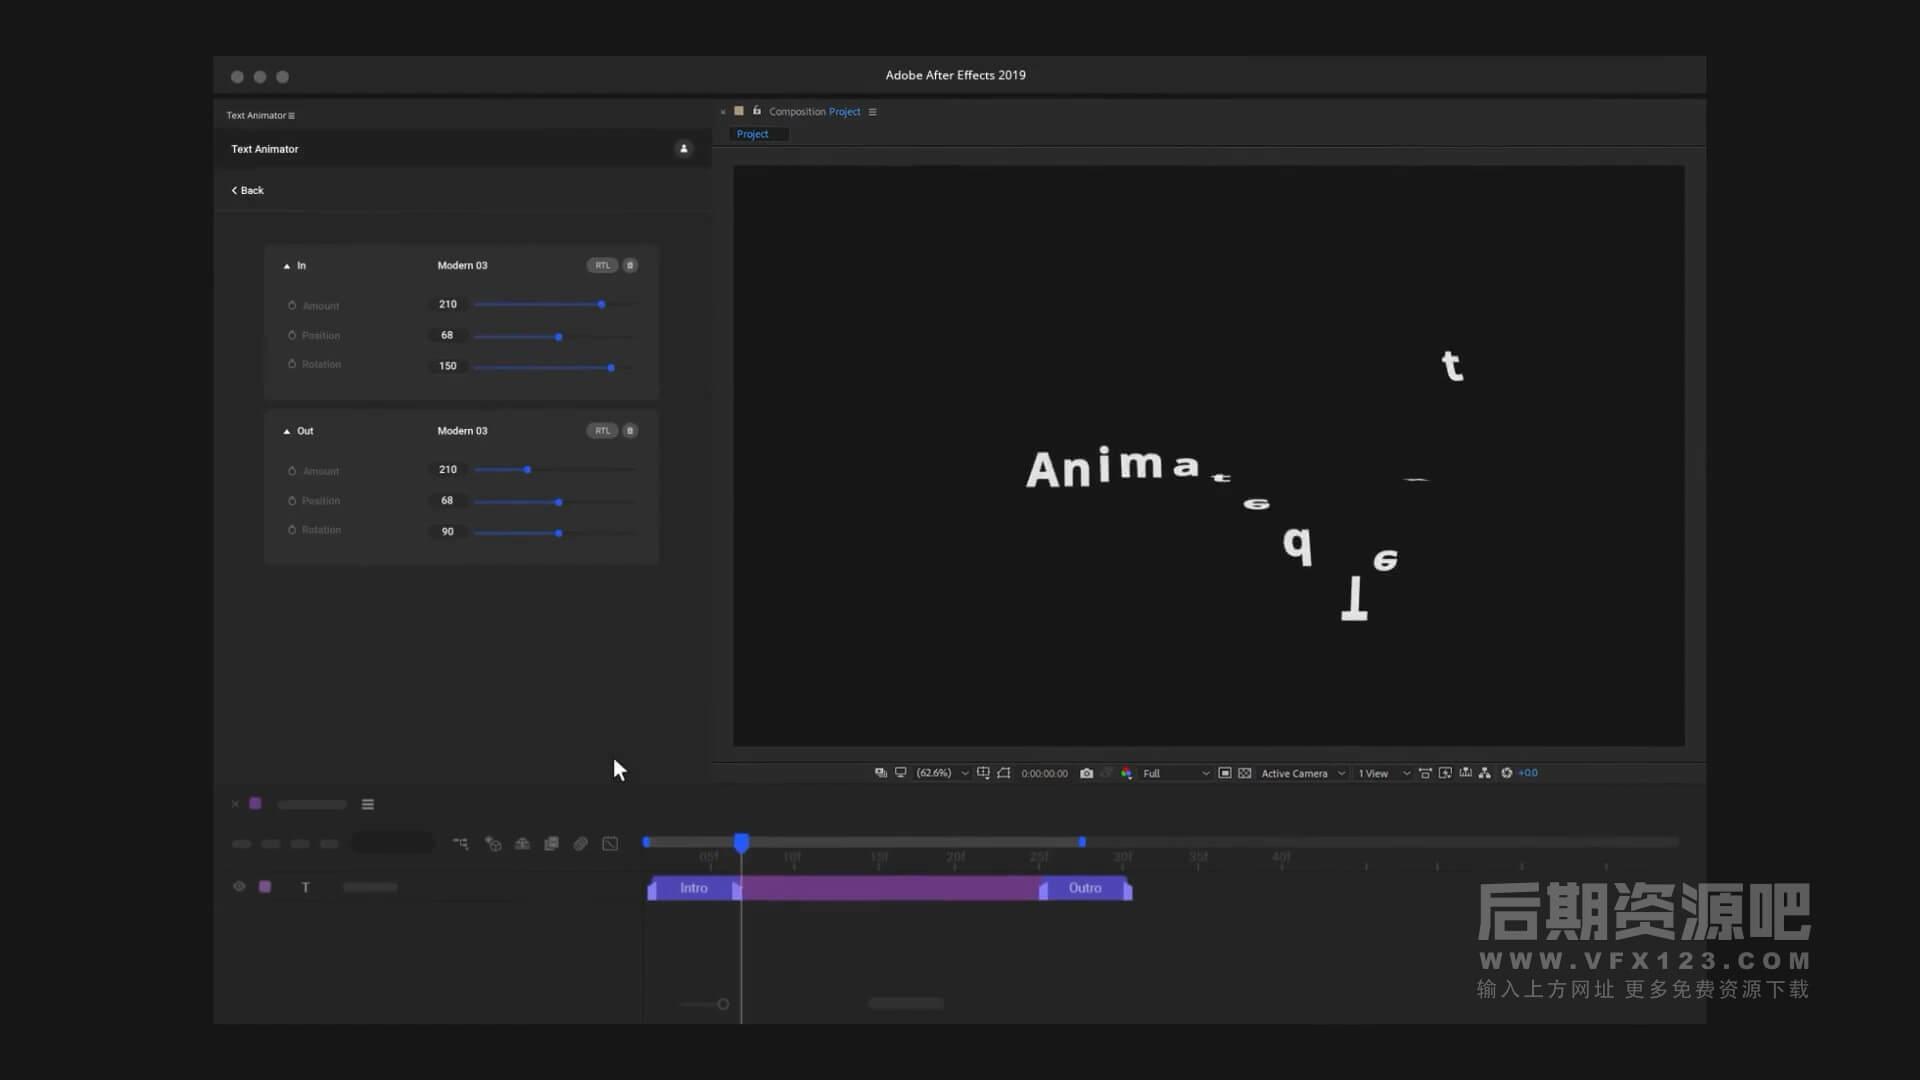 AE脚本 1200组缓入缓出文字动画预设 一键快速给文字层添加动作